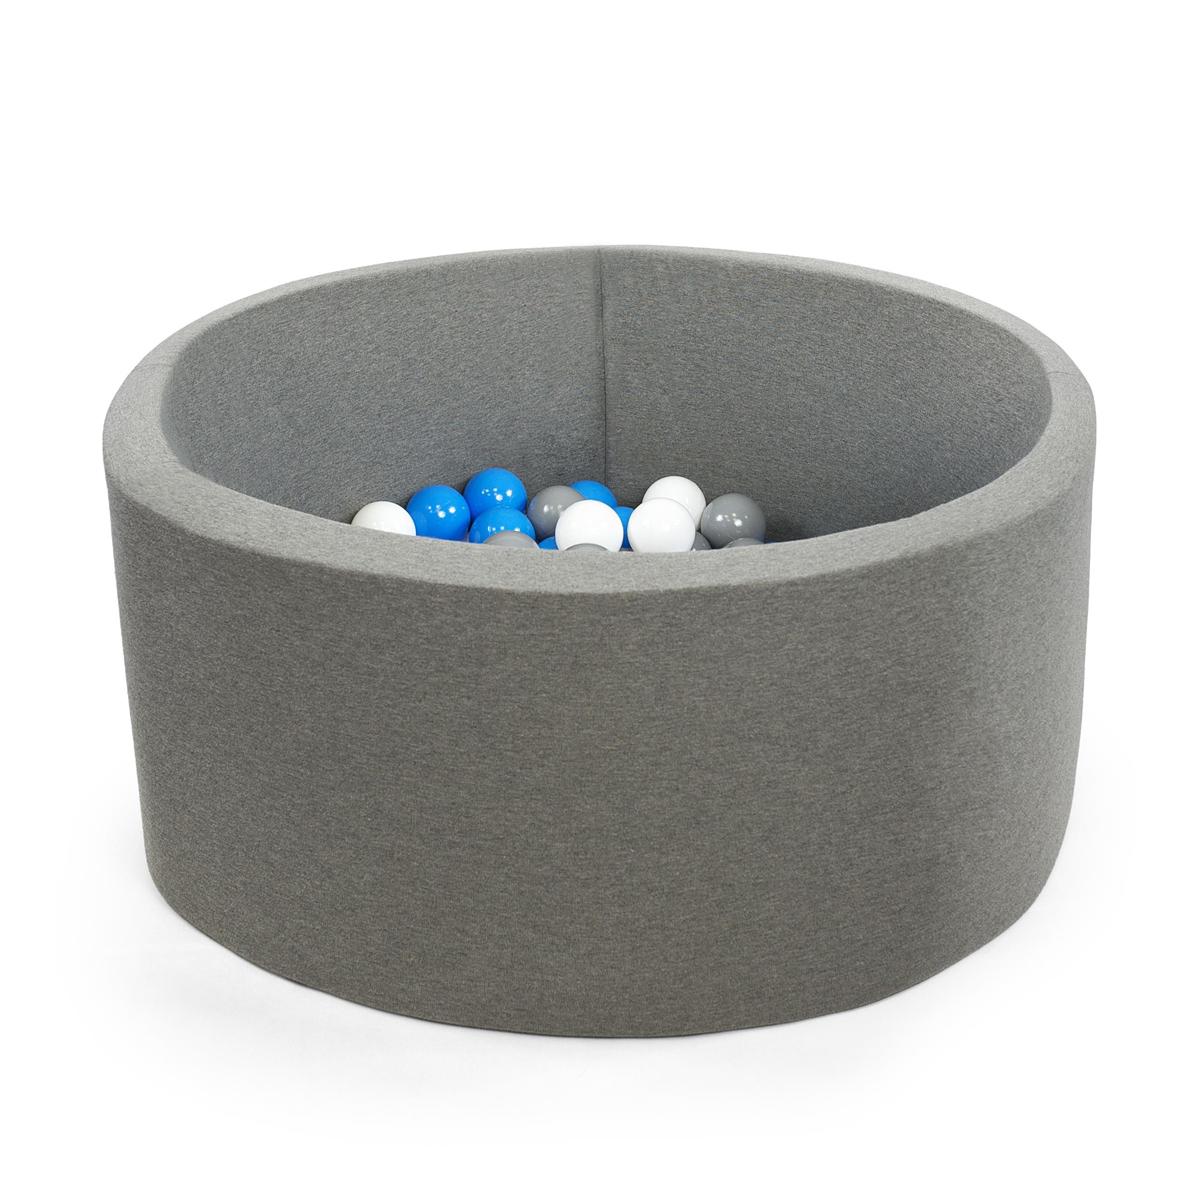 Misioo piscine balles grise 90 cm balles rpat mes for Piscine de boule